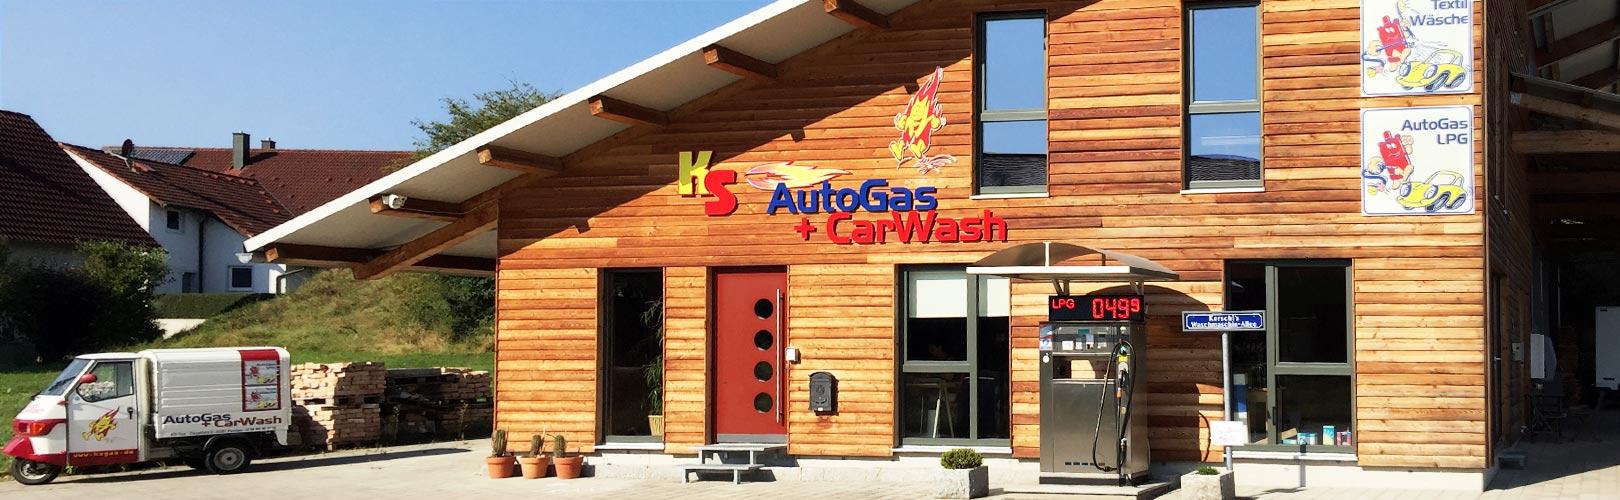 Hier finden Sie Ihren Partner für Flüssiggas und Autogas